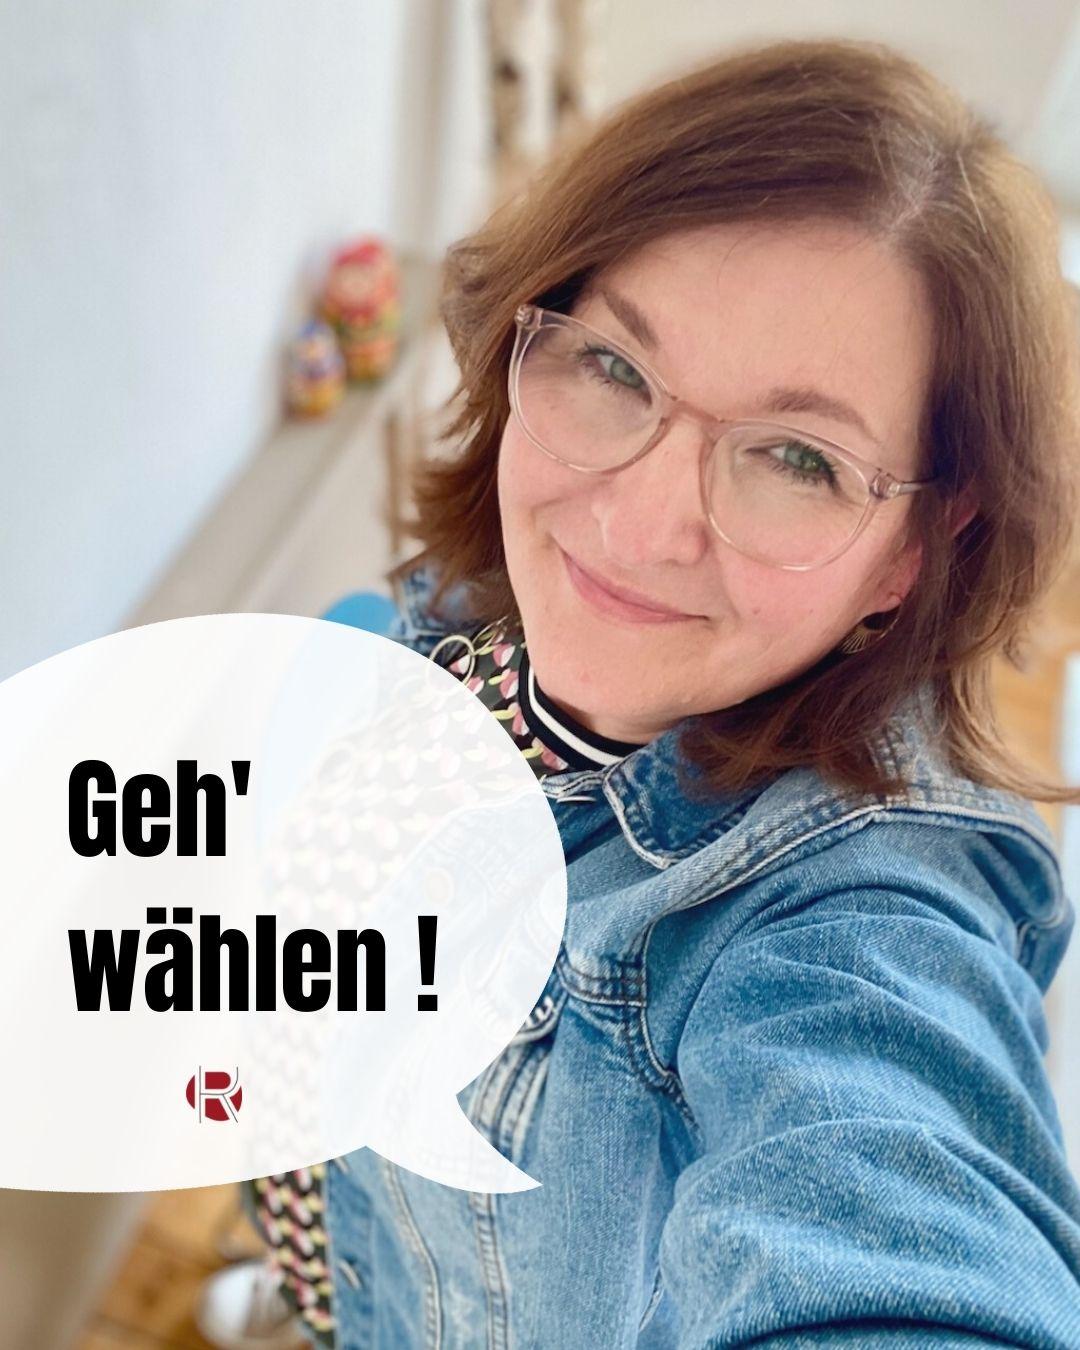 Bundestagswahl: Geh' wählen! Katrin Rembold, Journalistin